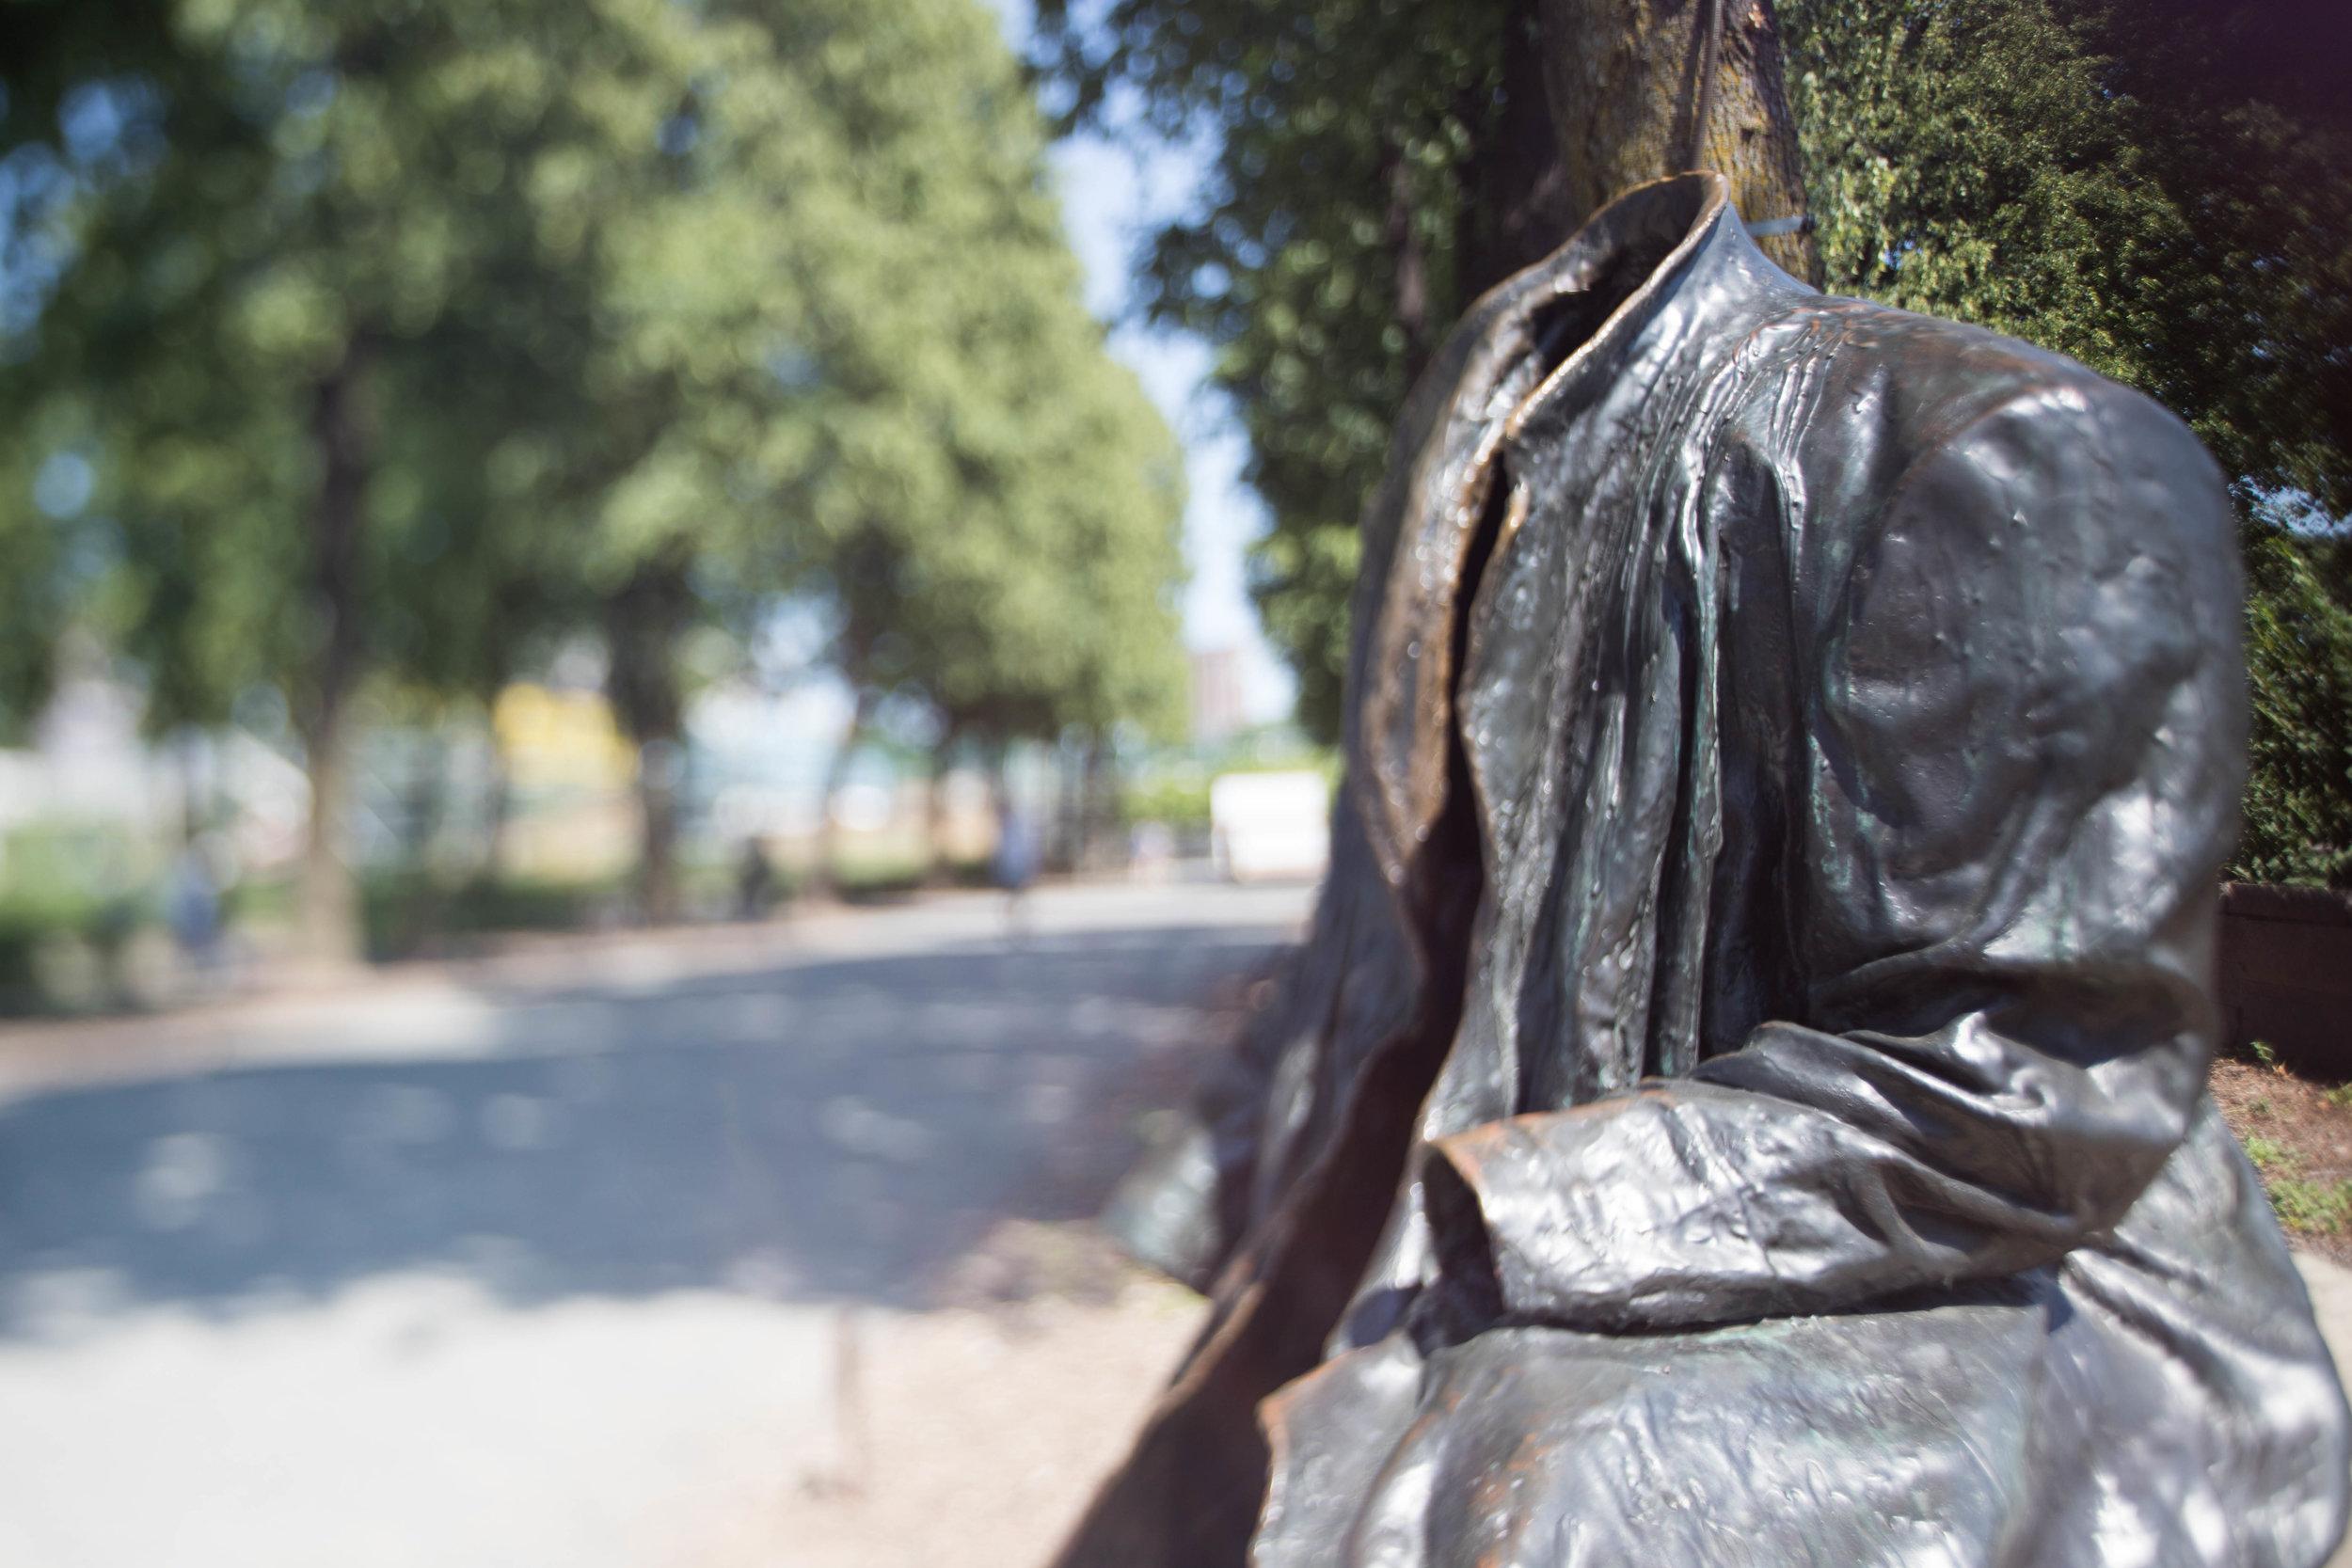 freelensed-statue-minneapolis-minnesota